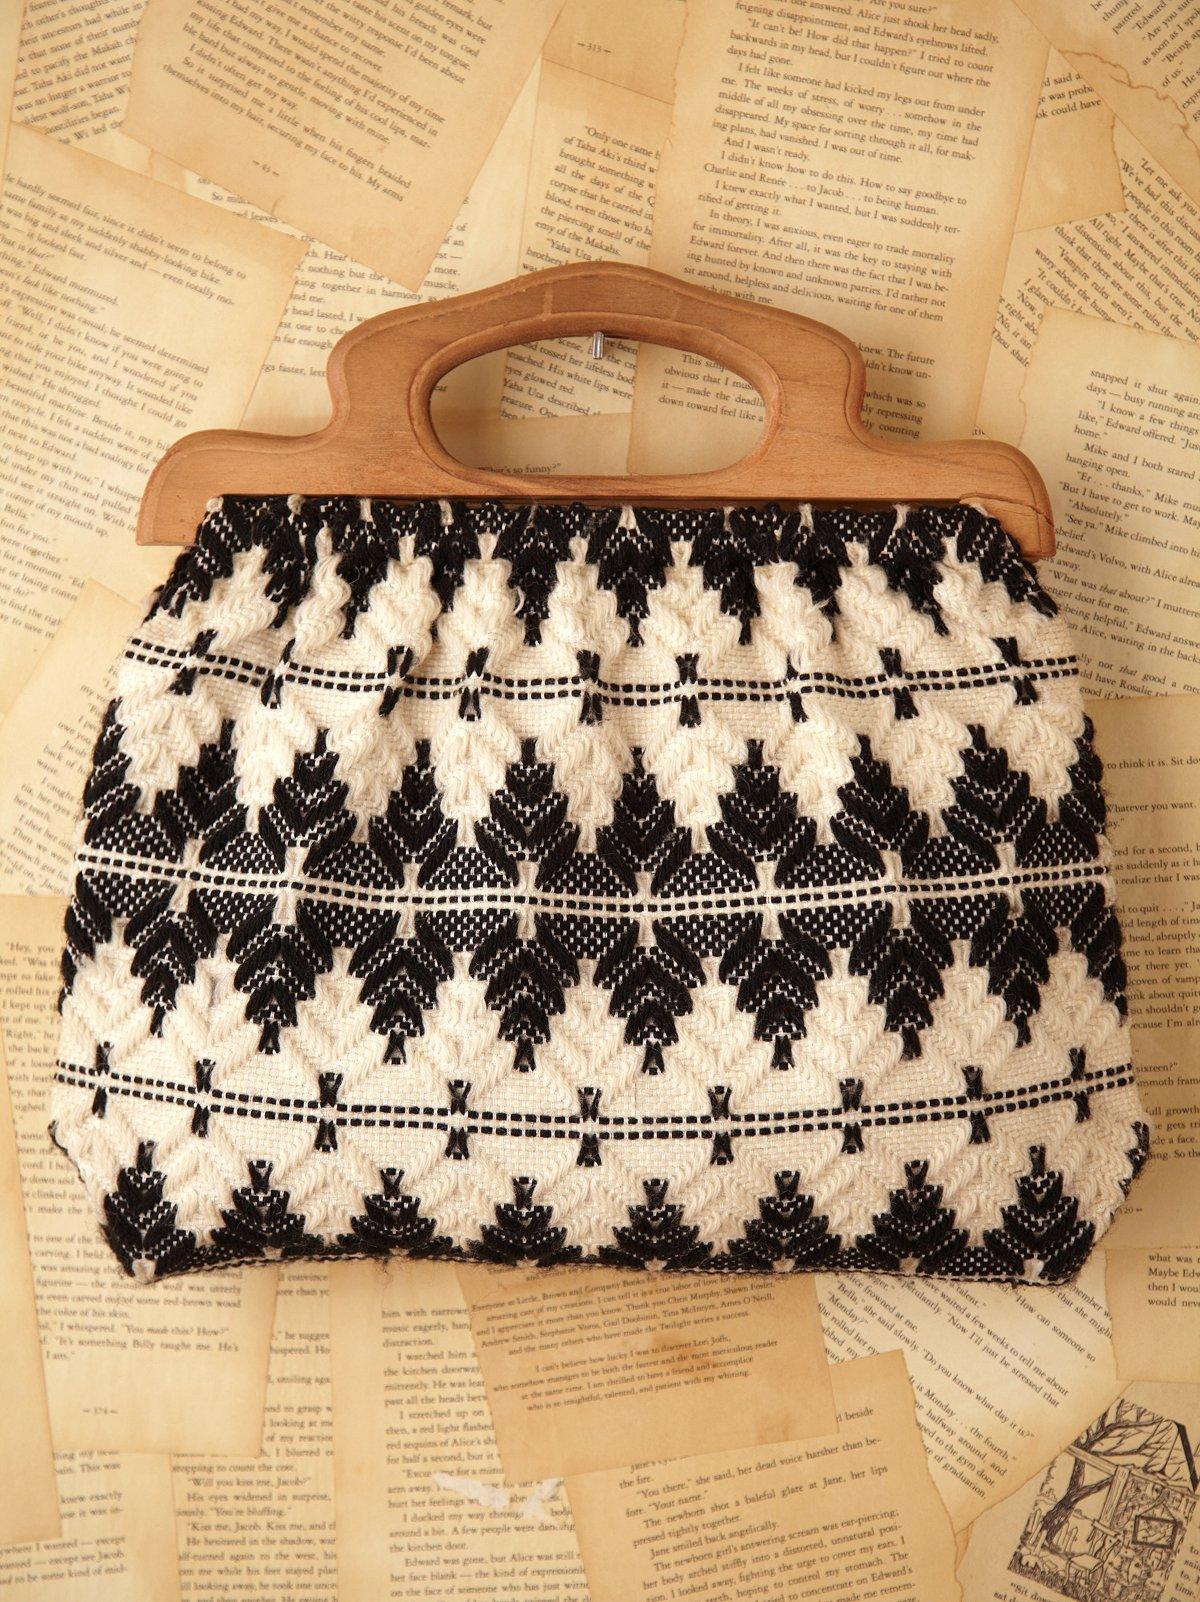 Vintage 1950s Sewing Bag